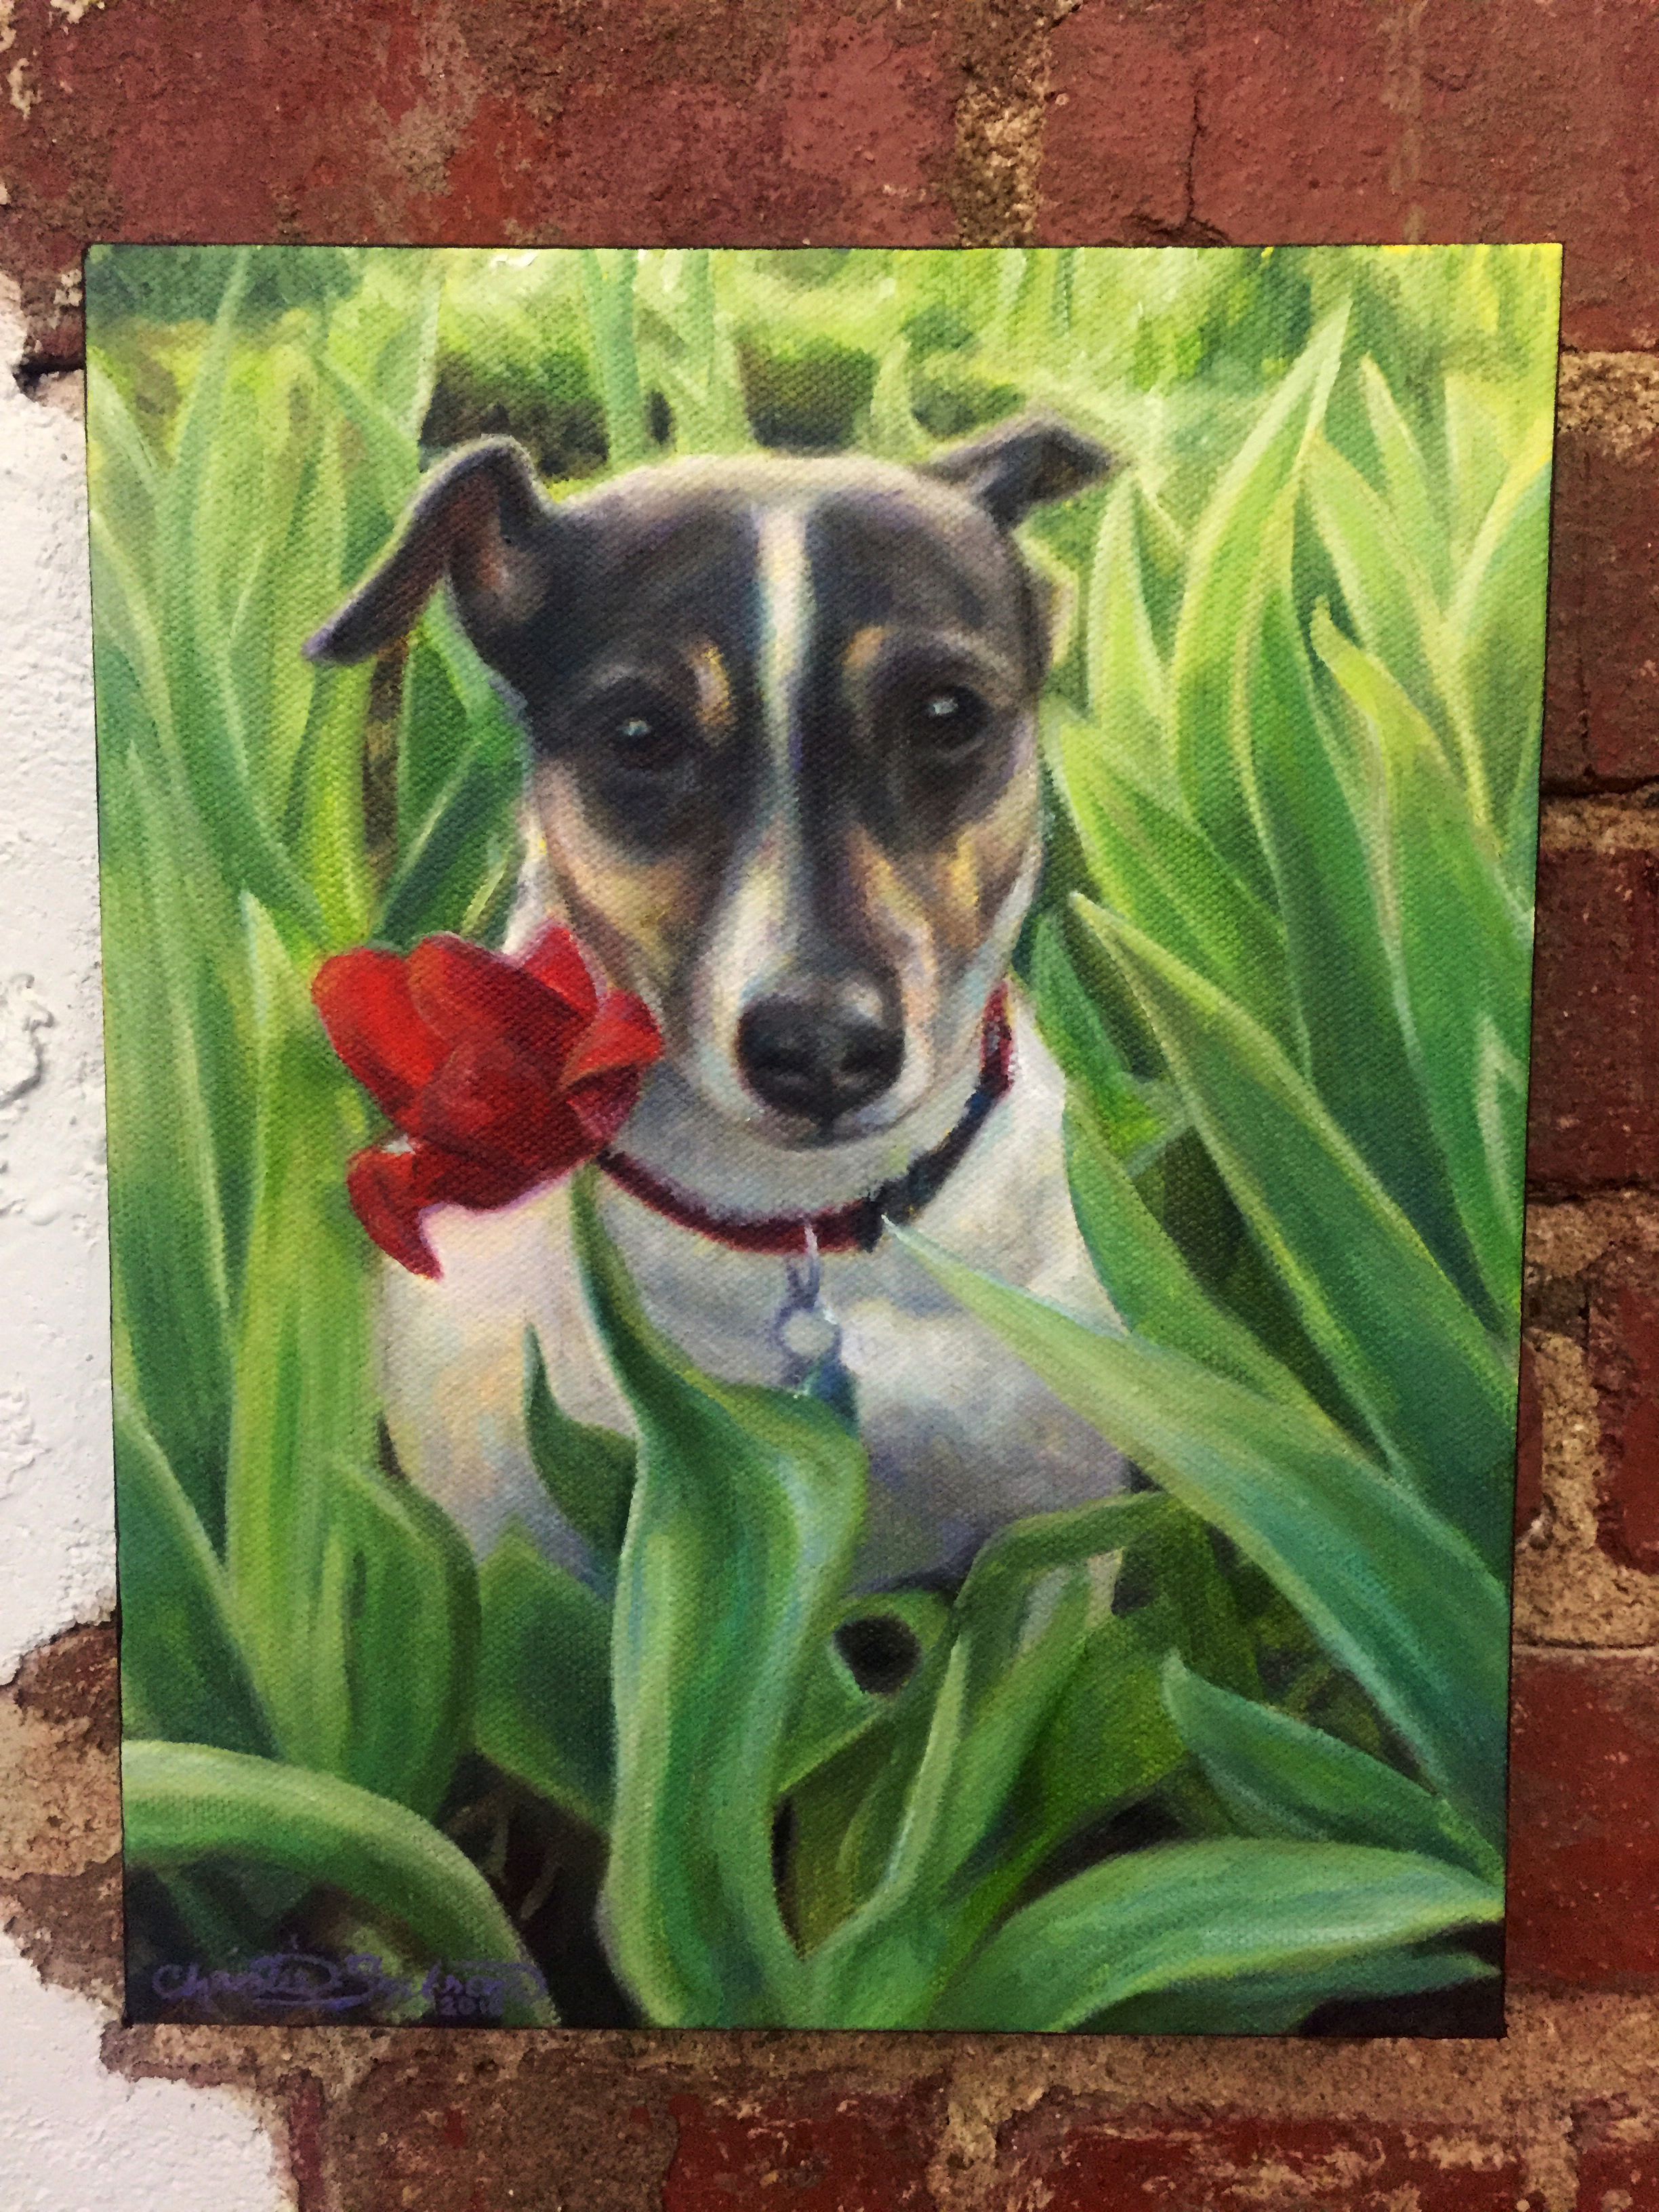 Subie_Dog Portrait_8x10_Christie Snelson.jpg